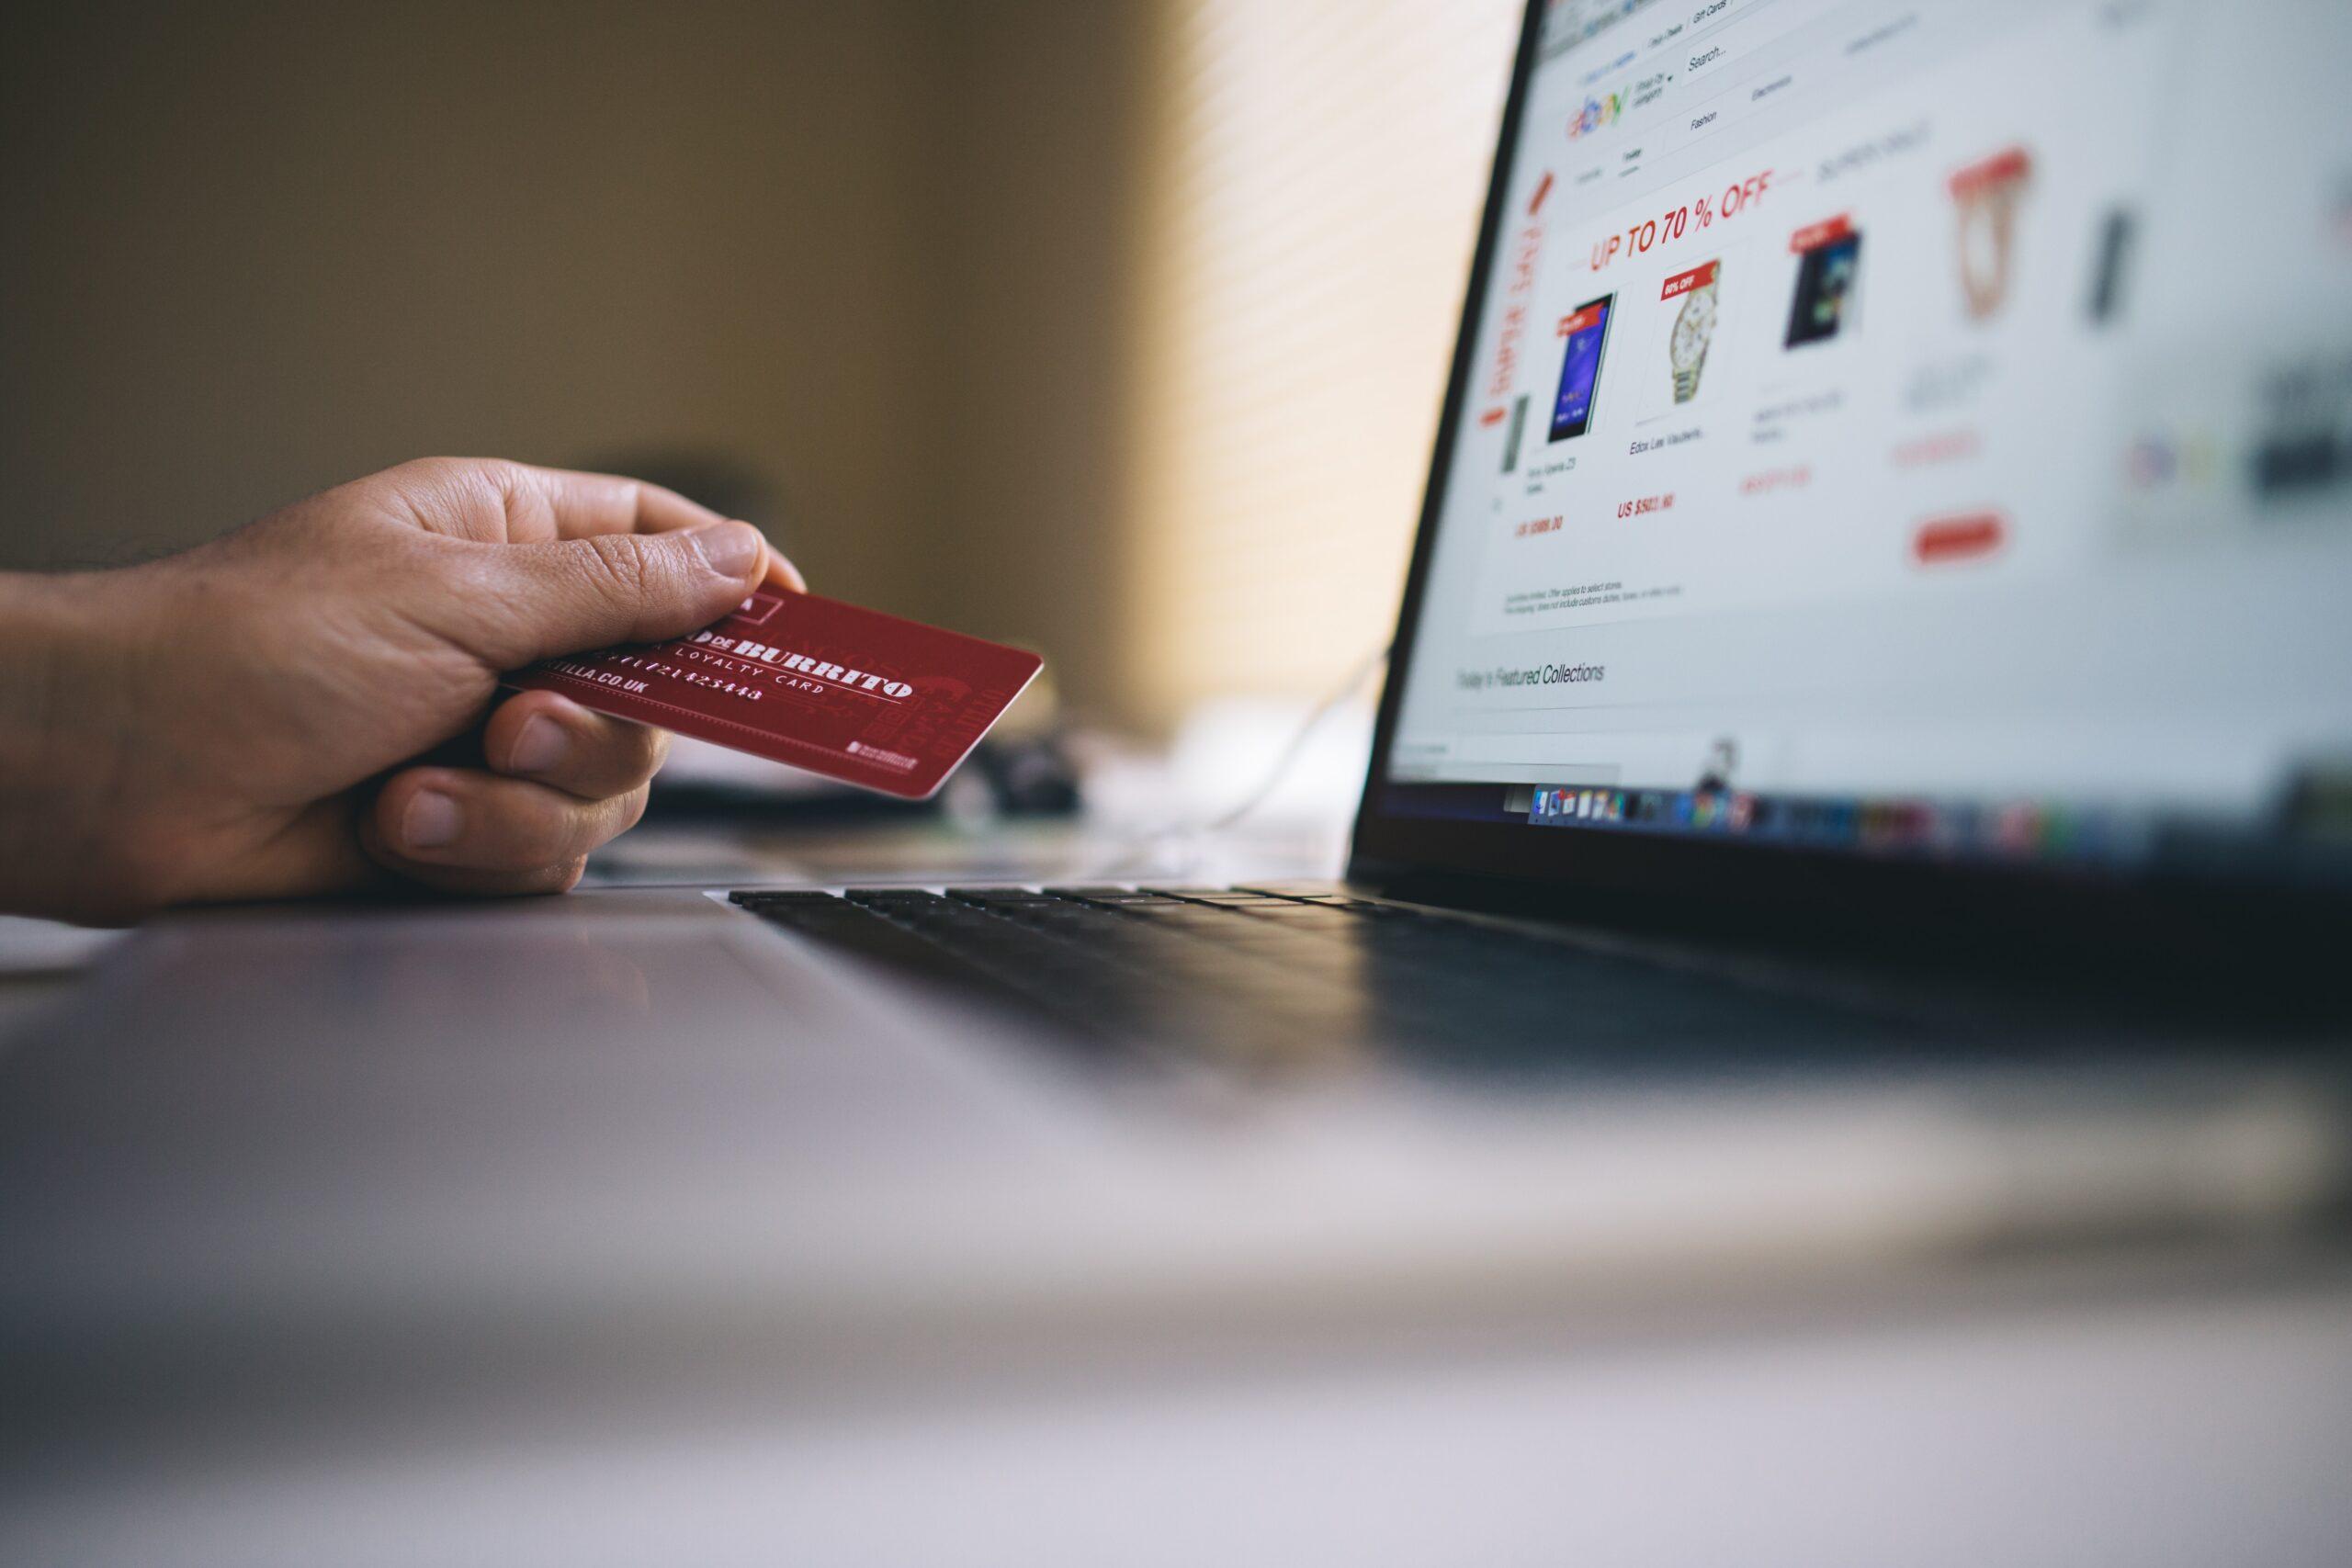 aumentare le vendite online e cercare nuovi clienti